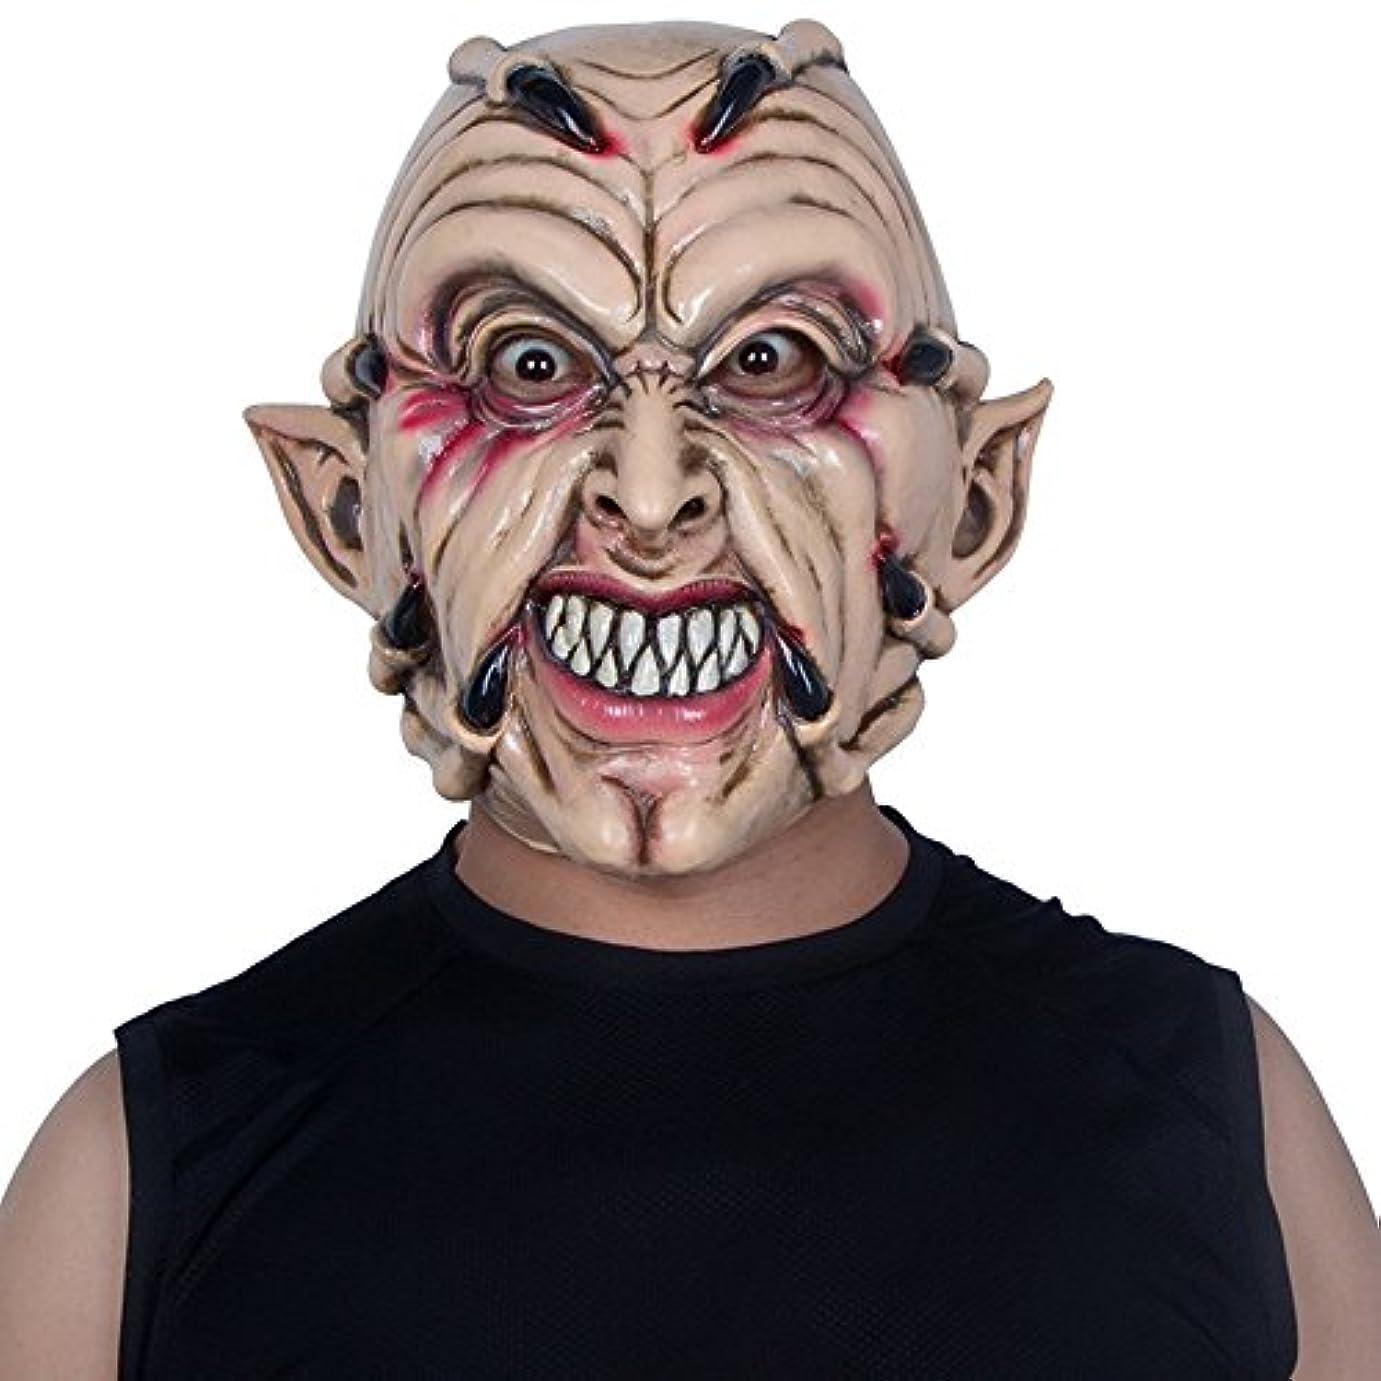 アームストロング奇跡逃げるハロウィンマスクホラー大人の男性フルフェイスラテックスフードデビルゴーストクローダンスパーティー整頓怖い小道具